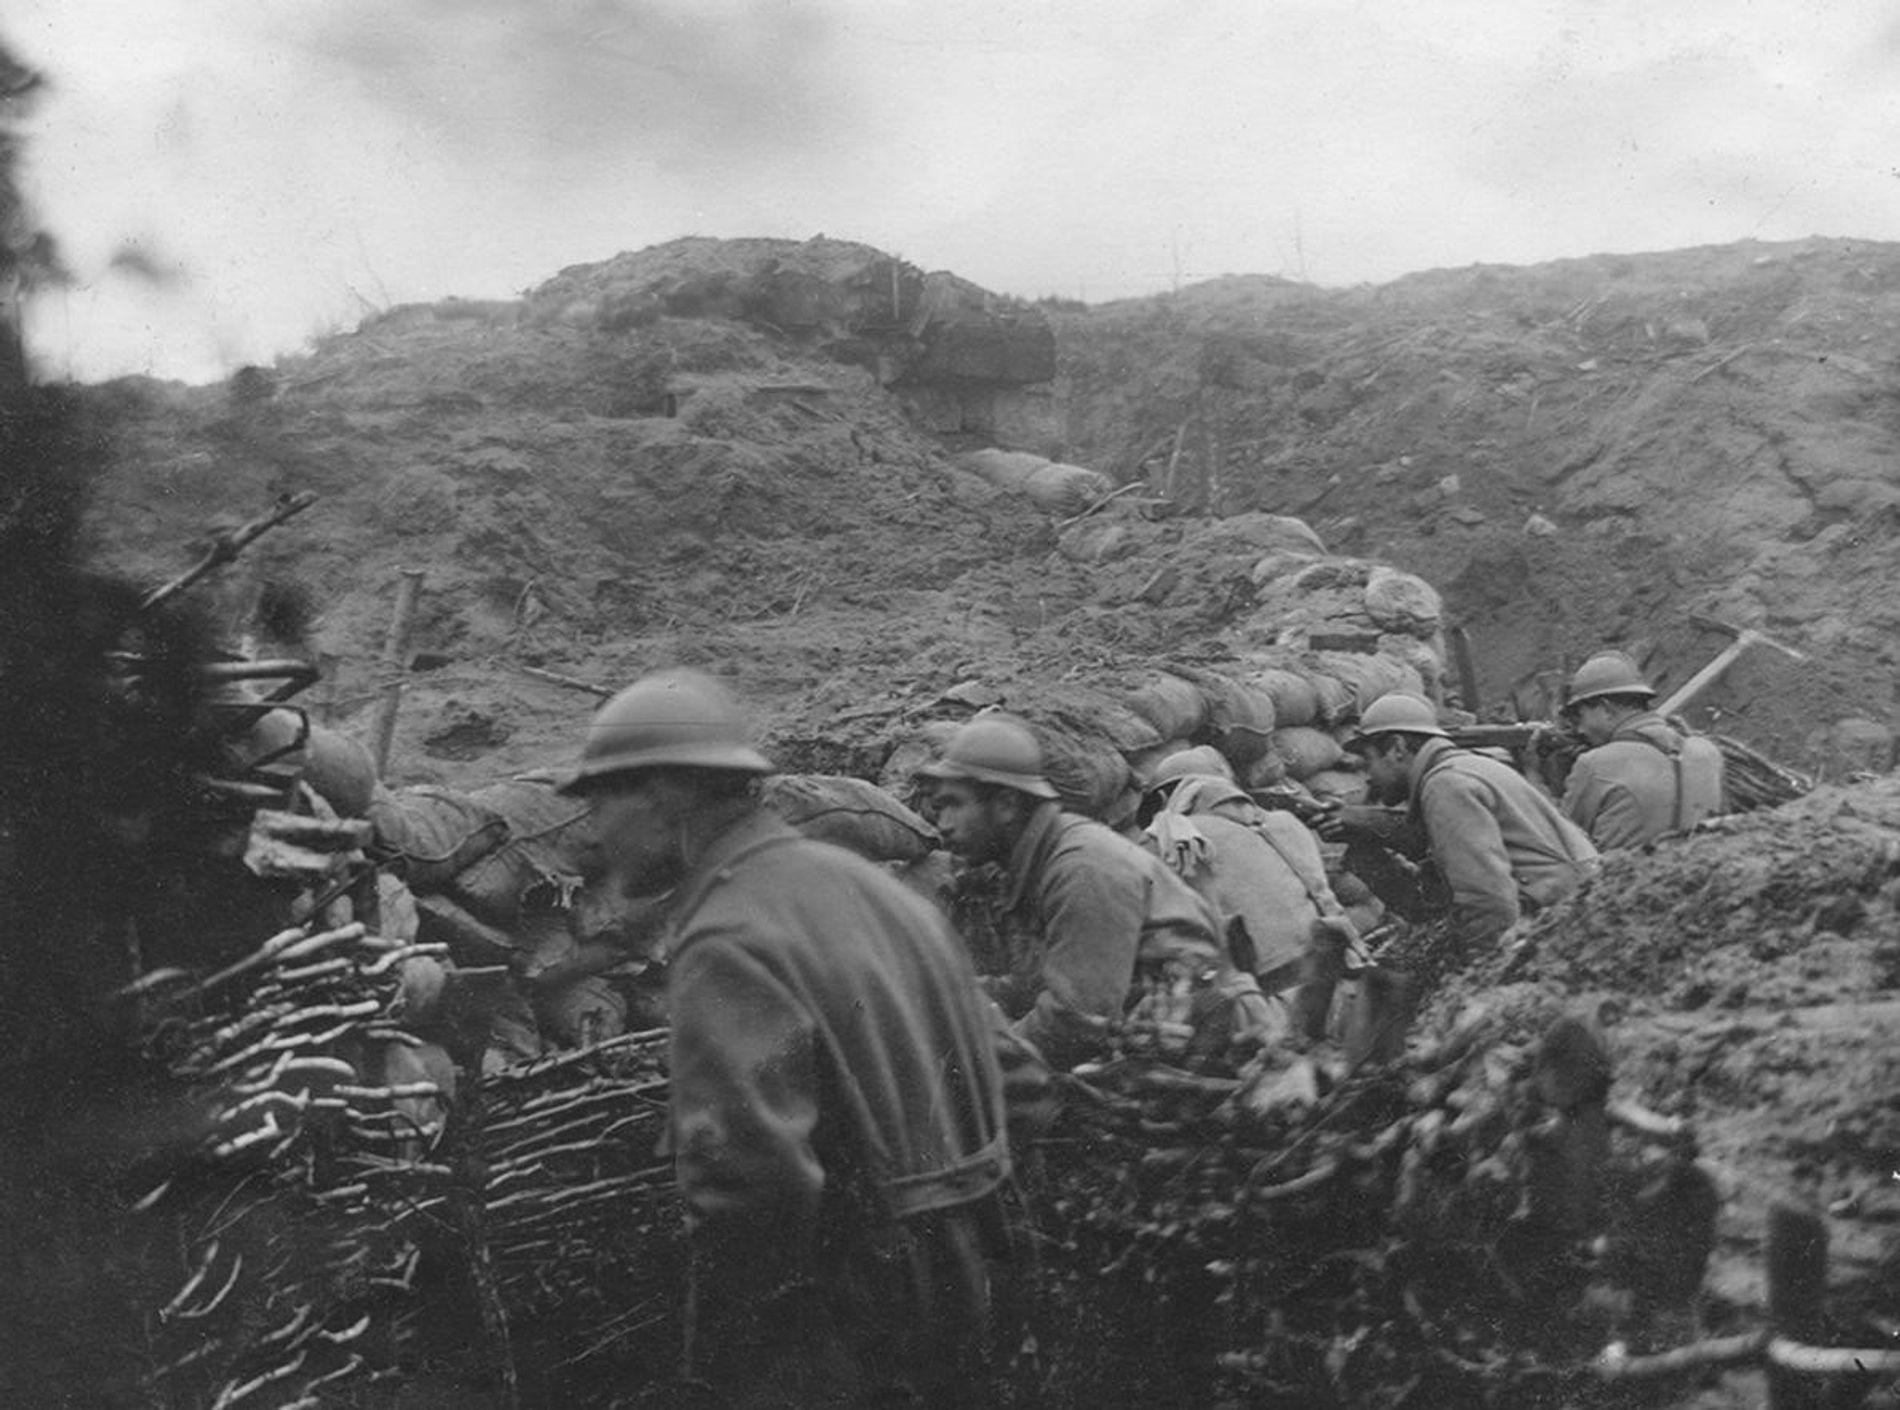 Le 92e régiment d'infanterie de l'armée française se bat dans les tranchées en 1916.